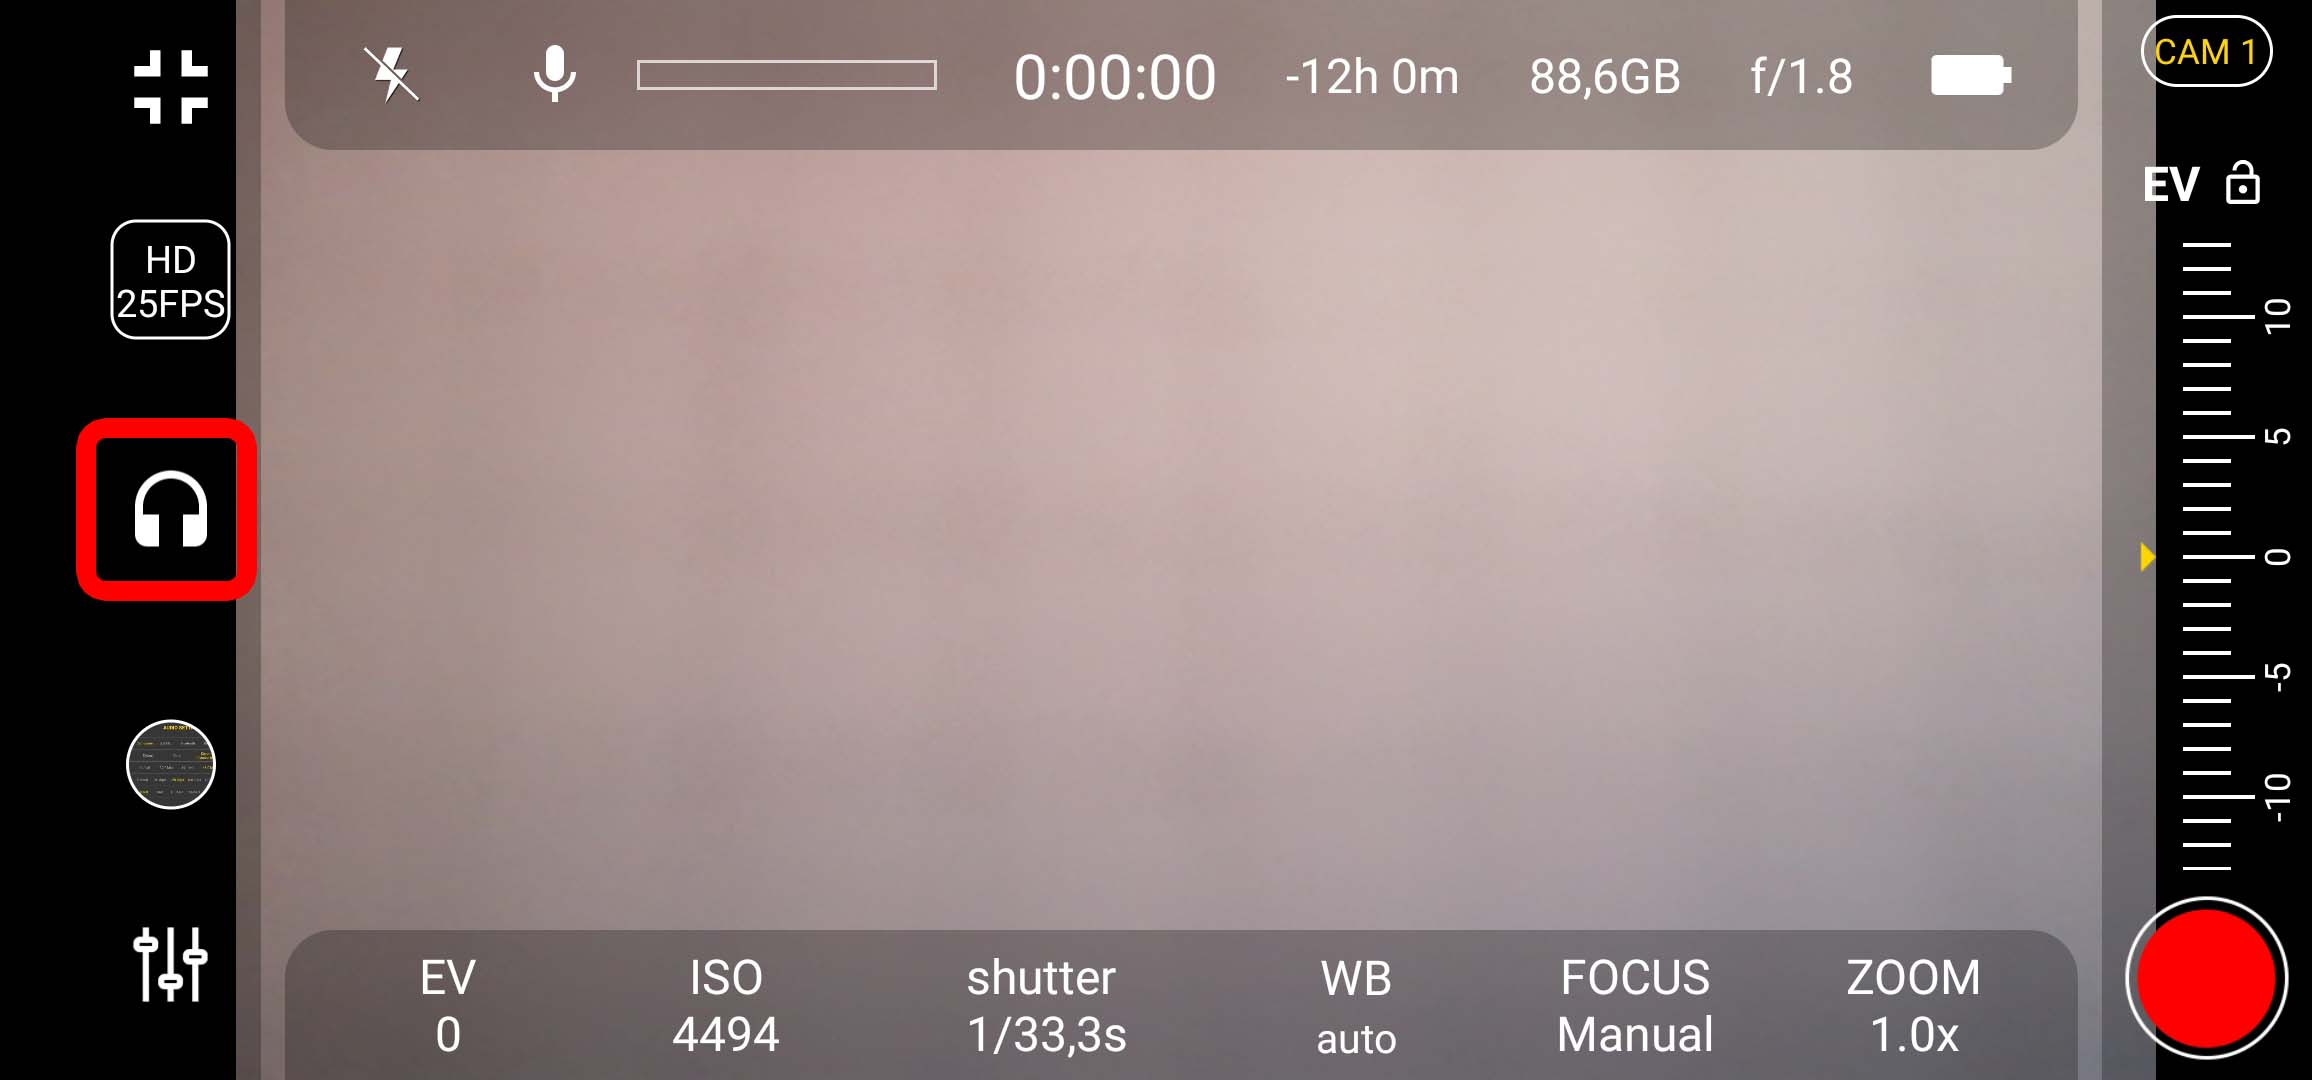 4k Camera Pro - Button für Audio-Settings